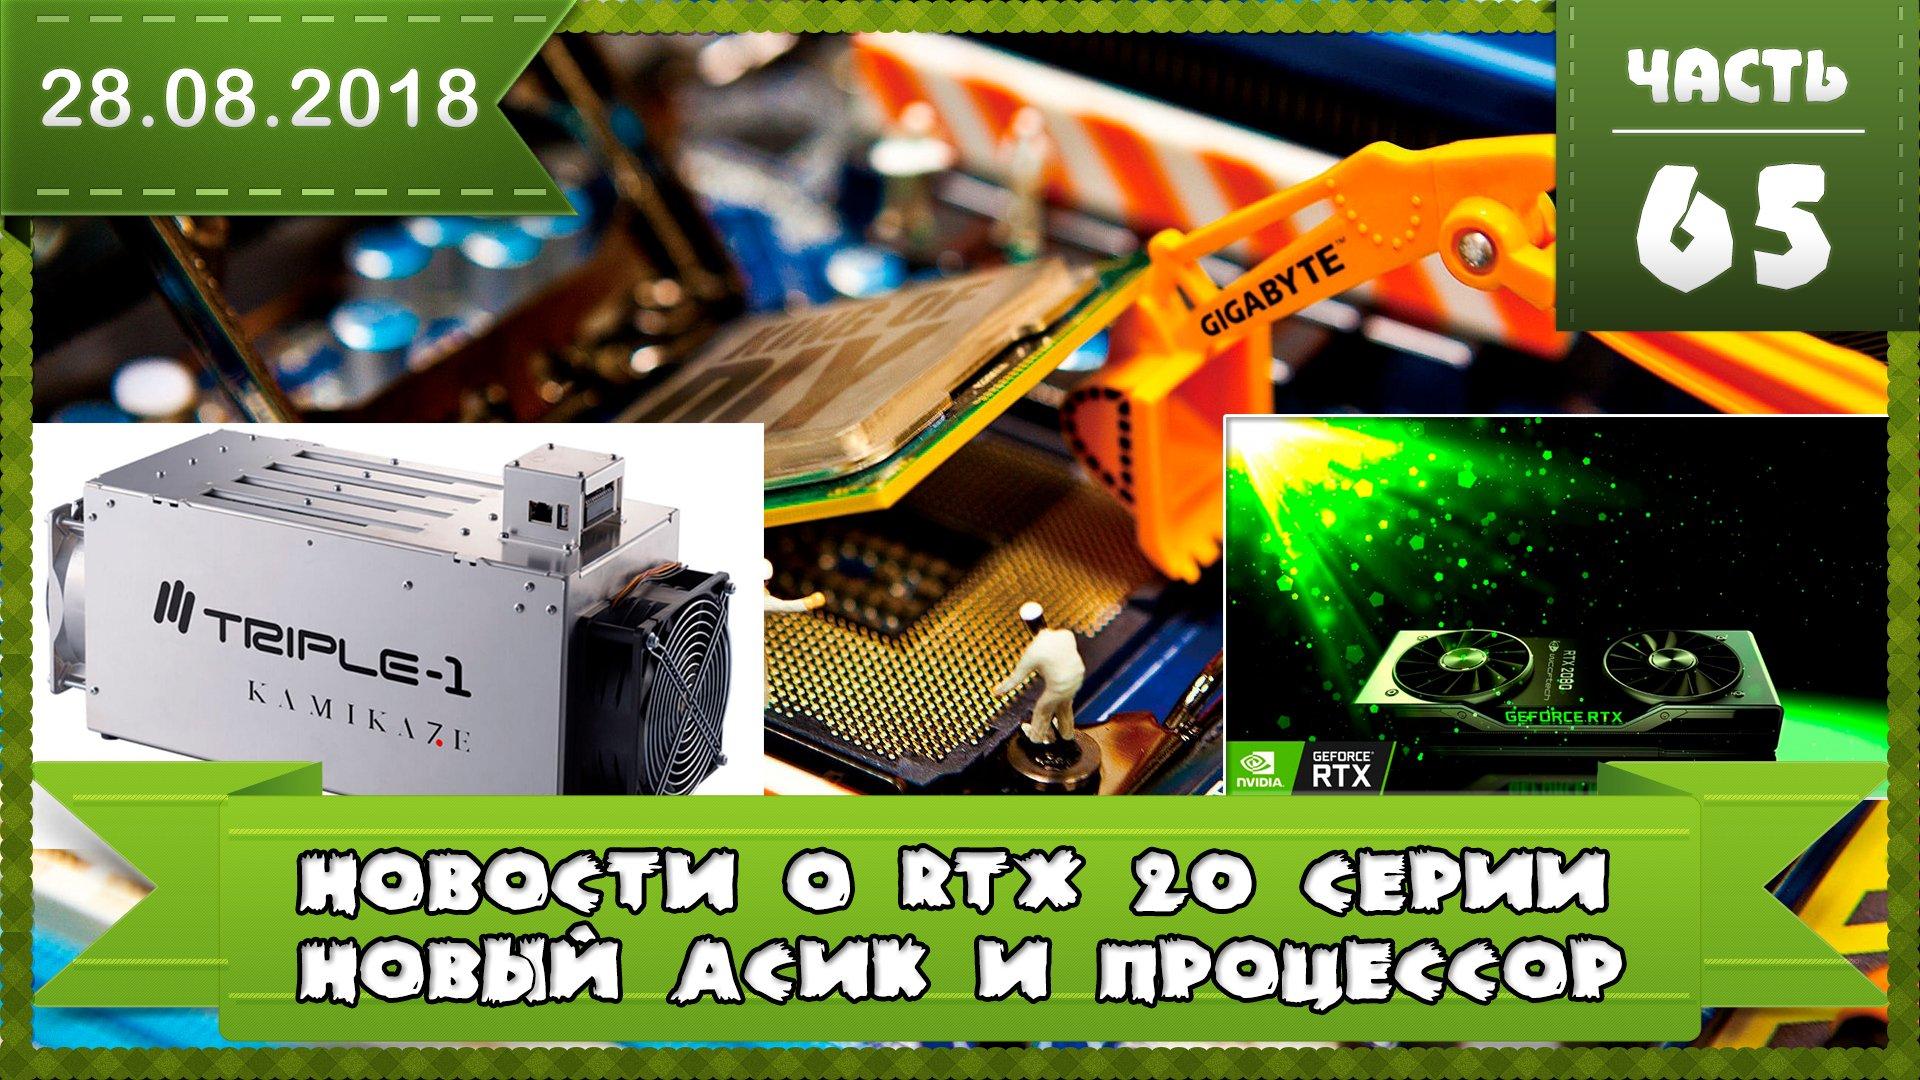 Новые видеокарты 2080 RTX тесты и даты выхода, процессор Intel i9 9900, АСИК от Triple-1 Kamikaze